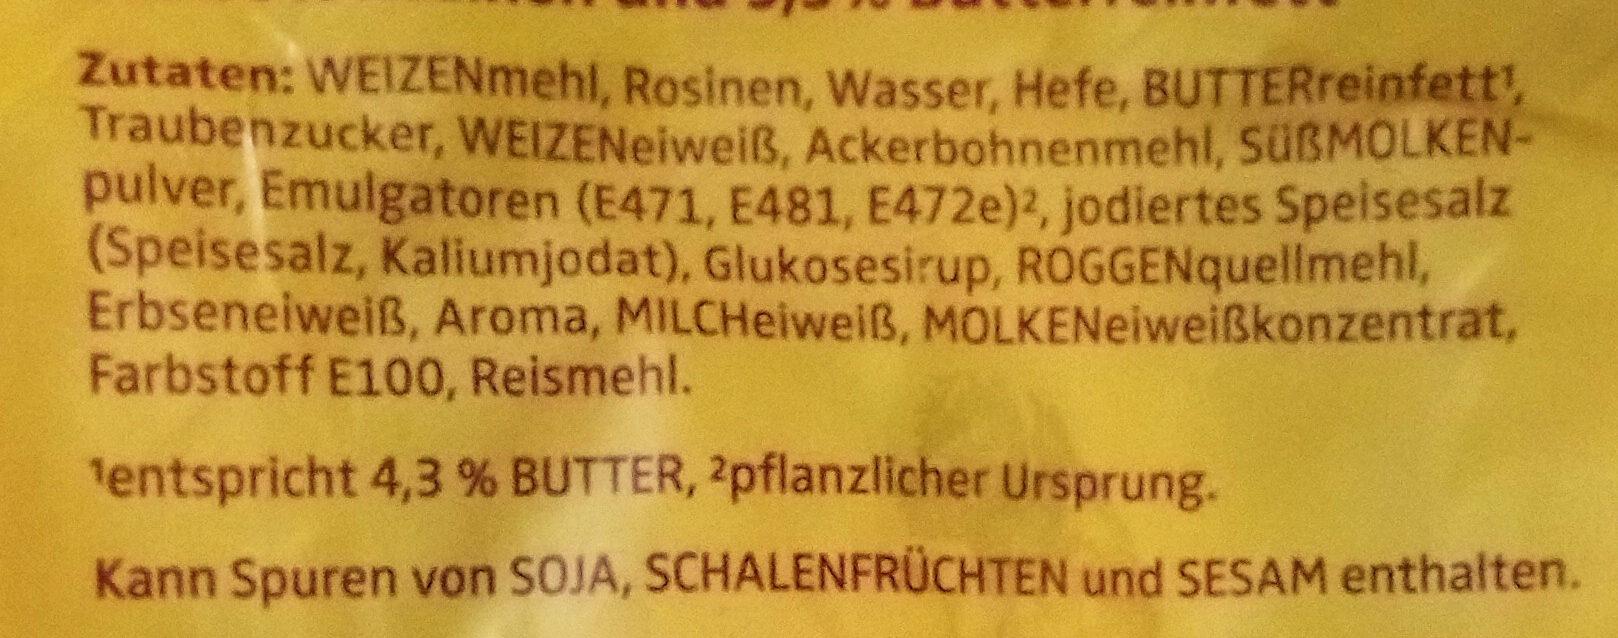 Butter Rosinen Brötchen - Ingrédients - de